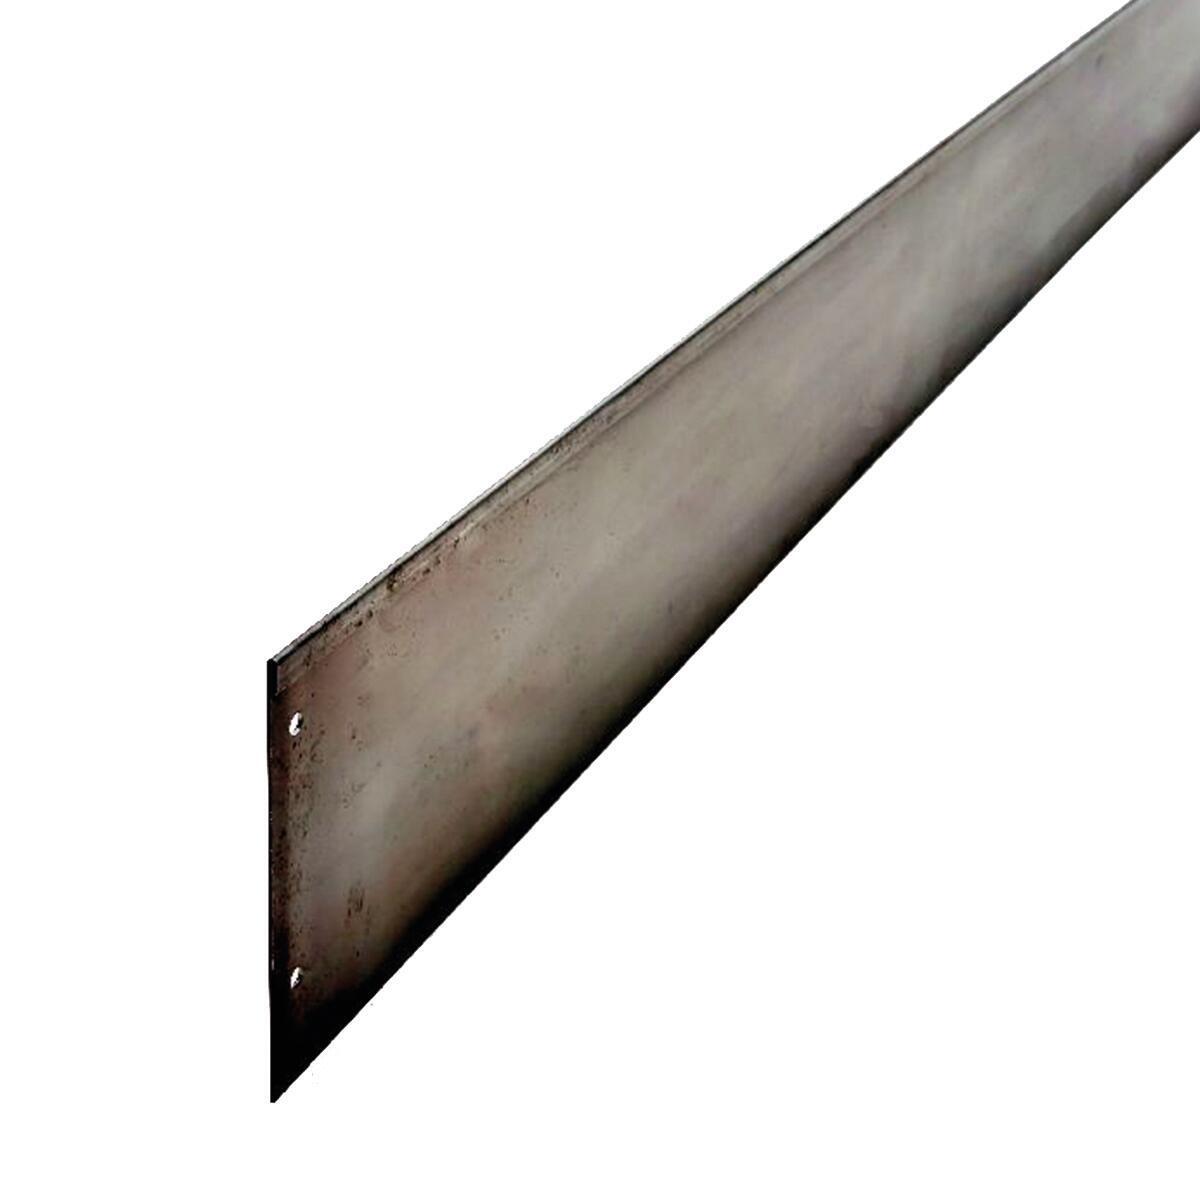 Bordura in rotolo in acciaio ALUBORD CORTEN I H14 CM L 150 x H 14 cm - 1